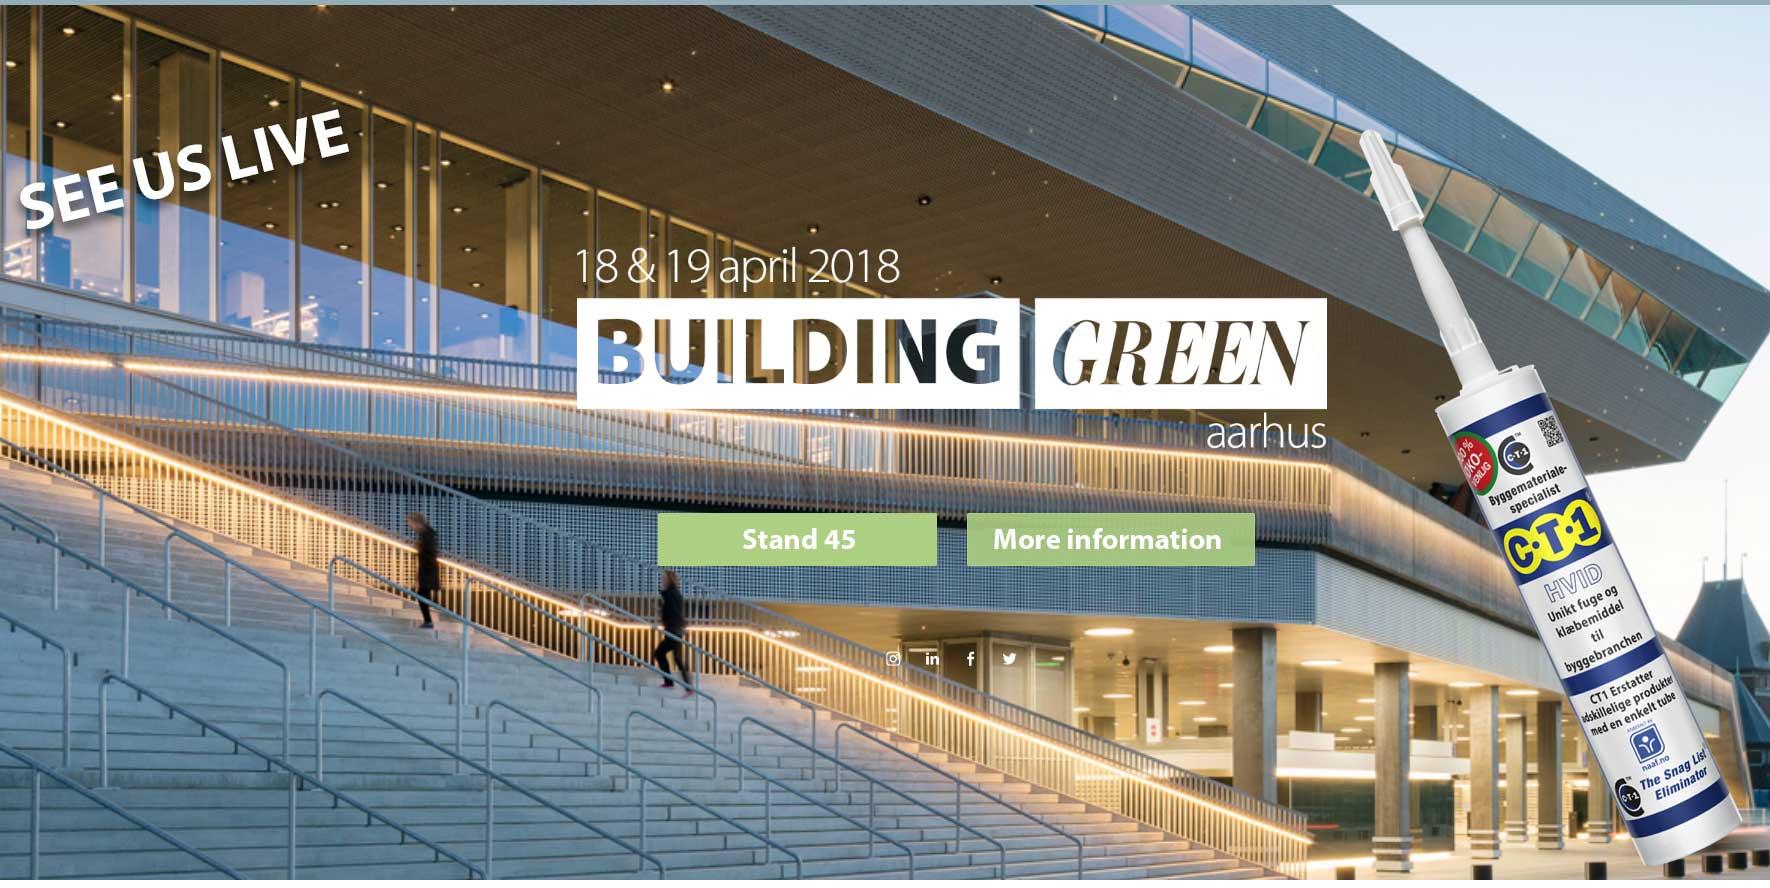 ct1-building-green-aarhus-2018-1